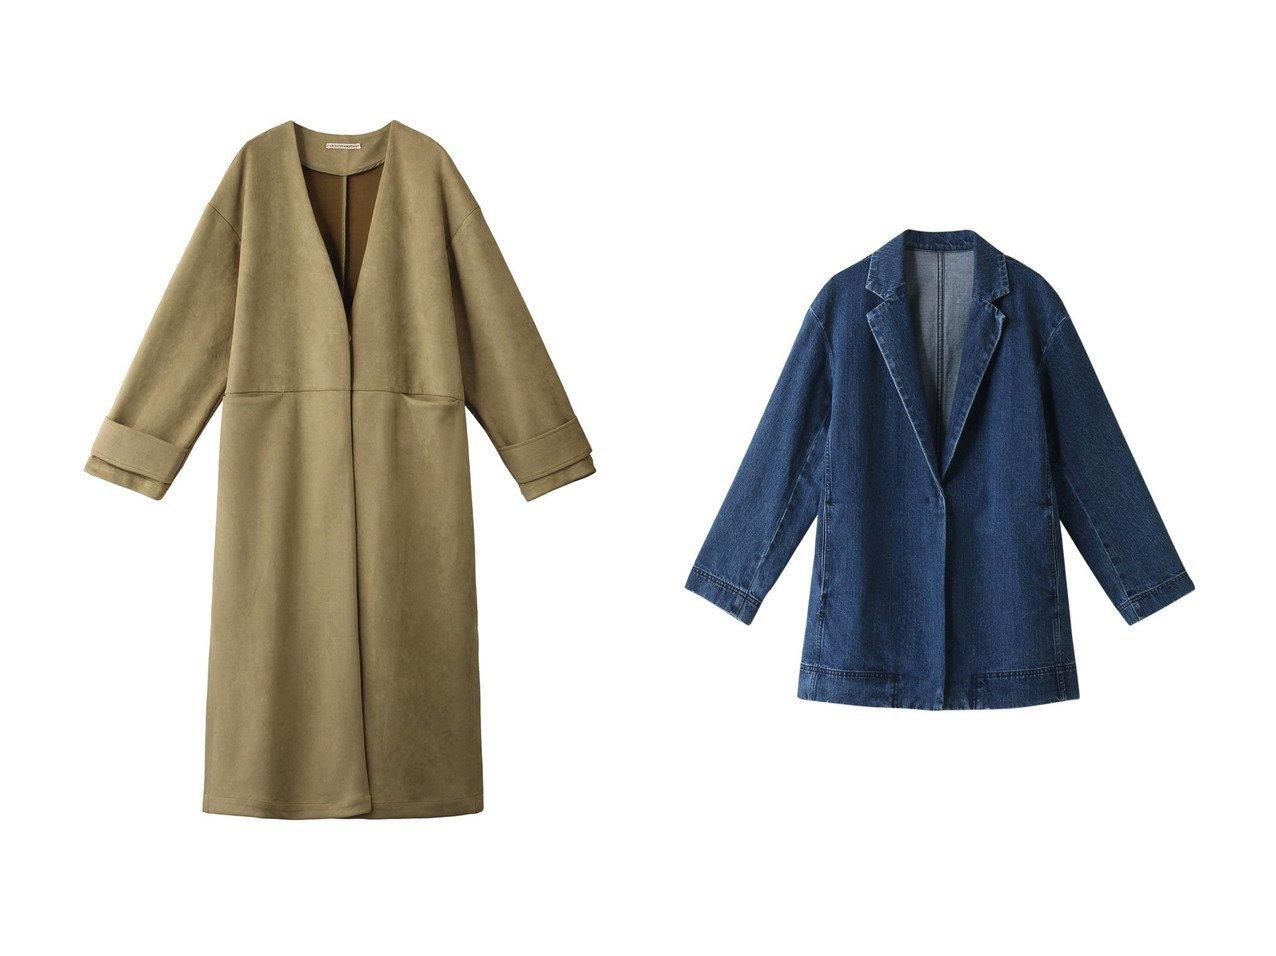 【ROSE BUD/ローズバッド】の【P.P】ノーカラーロングコート&【GALLARDAGALANTE/ガリャルダガランテ】のデニムジャケット アウターのおすすめ!人気トレンド・レディースファッションの通販 おすすめで人気のファッション通販商品 インテリア・家具・キッズファッション・メンズファッション・レディースファッション・服の通販 founy(ファニー) https://founy.com/ ファッション Fashion レディースファッション WOMEN アウター Coat Outerwear ジャケット Jackets デニムジャケット Denim Jackets コート Coats ジャケット セットアップ デニム ロング  ID:crp329100000007564